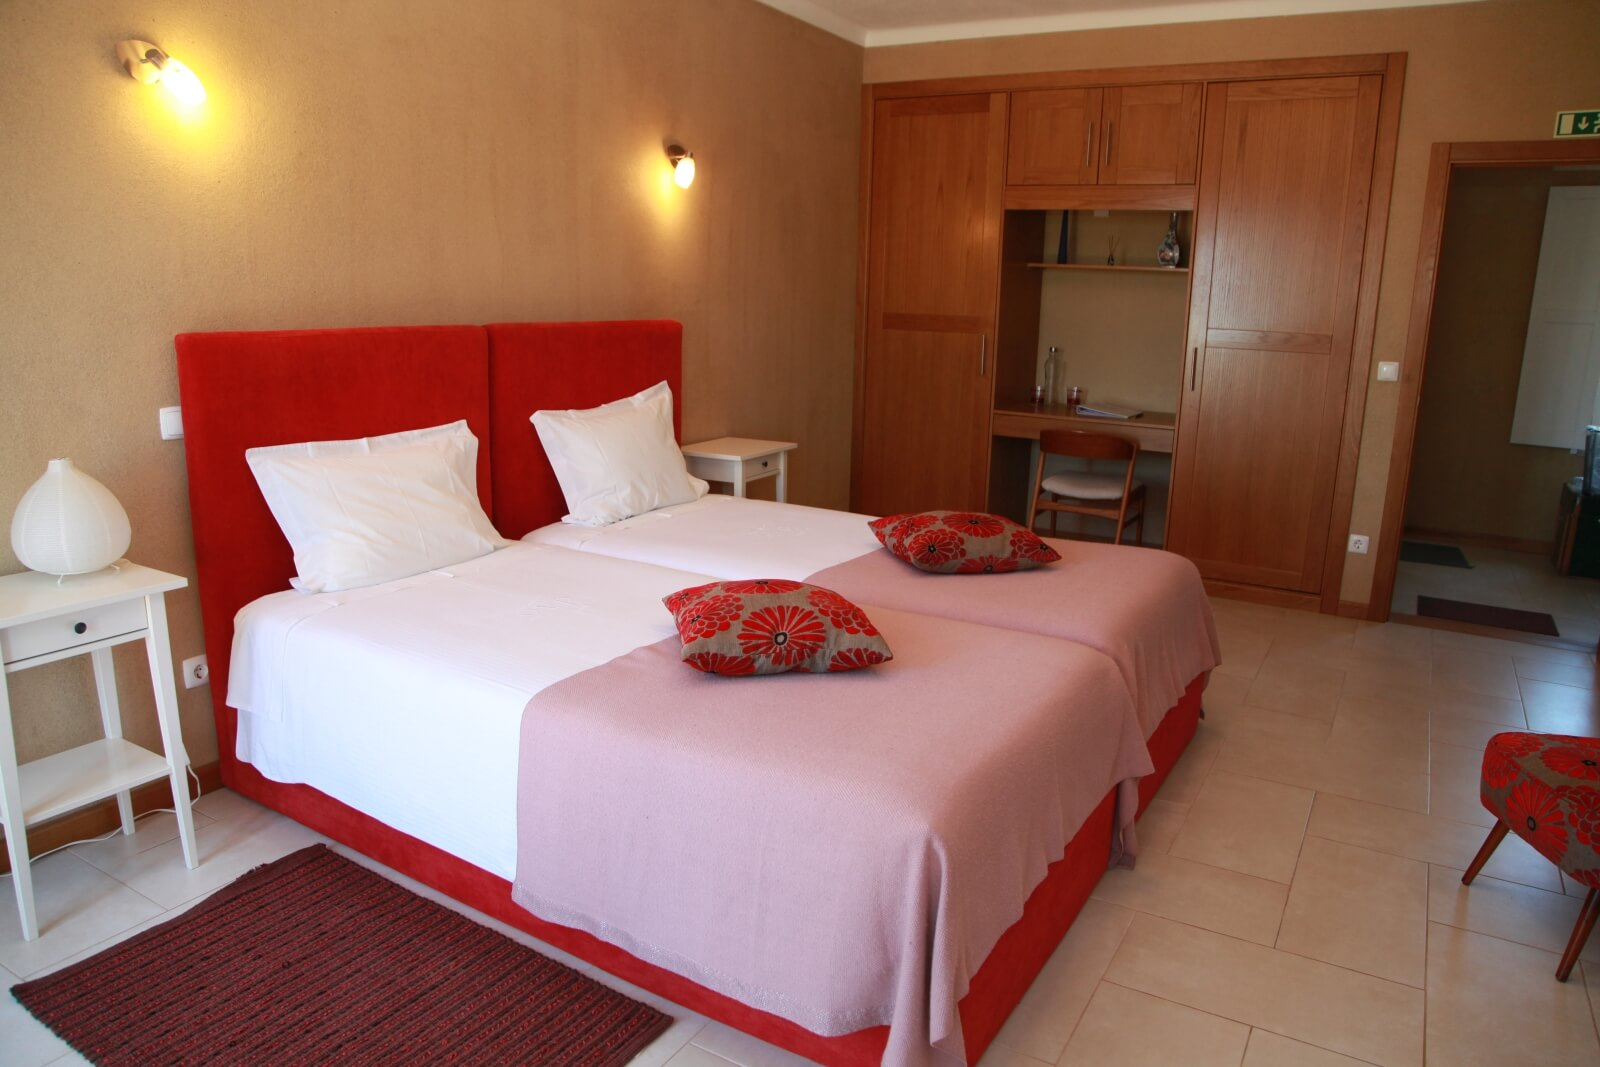 Quarto Vermelho de slaapkamer